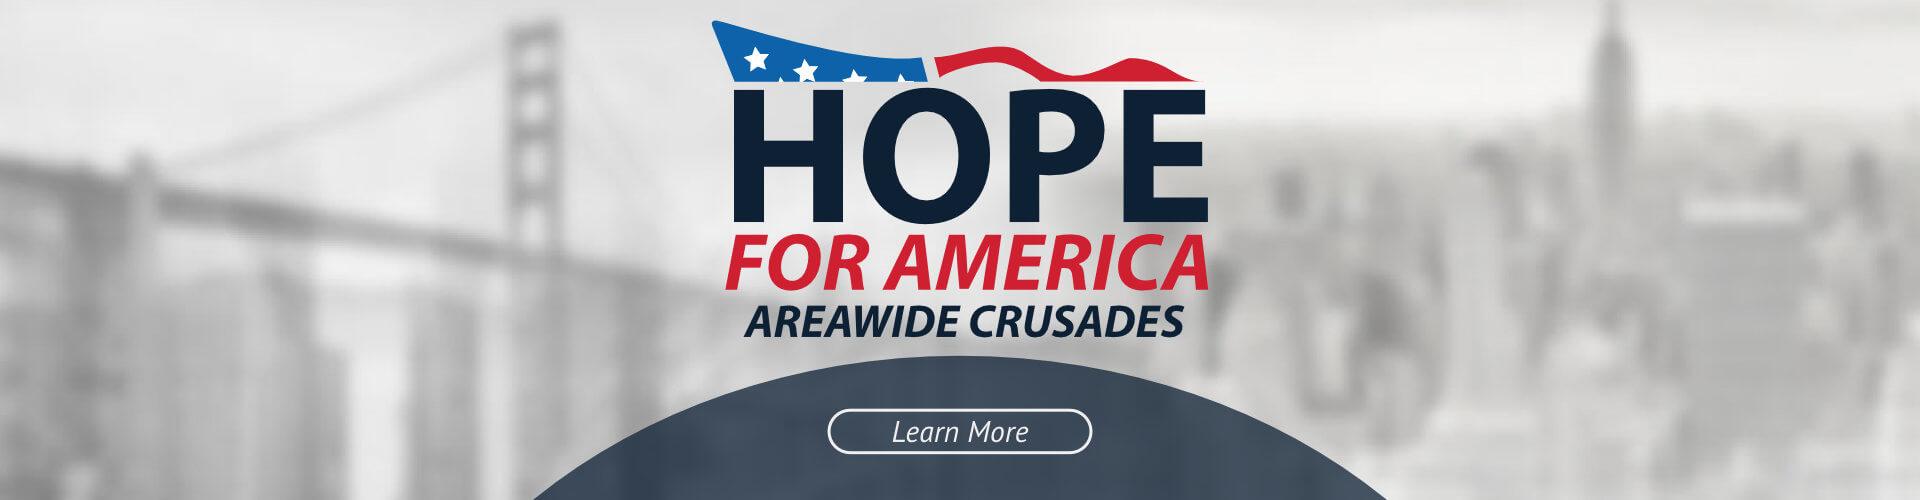 Hope For America Crusade